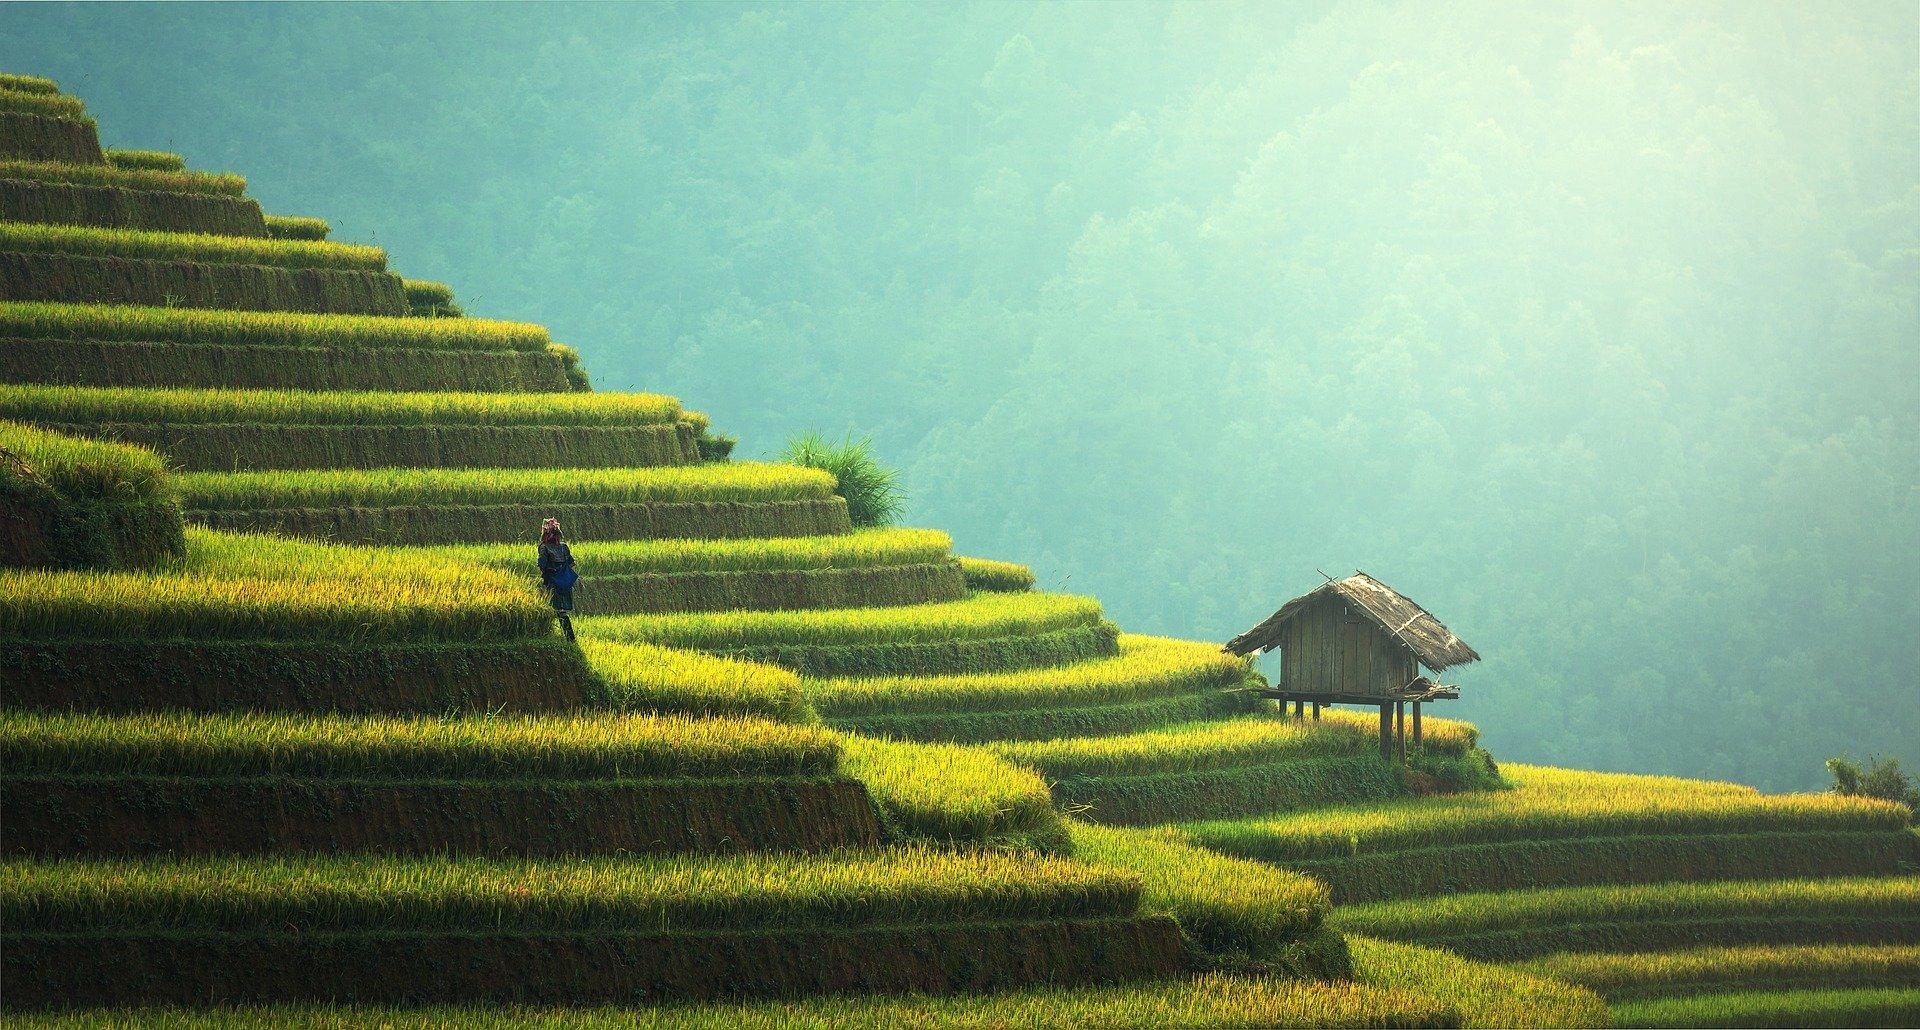 Viaggio in solitaria in Thailandia